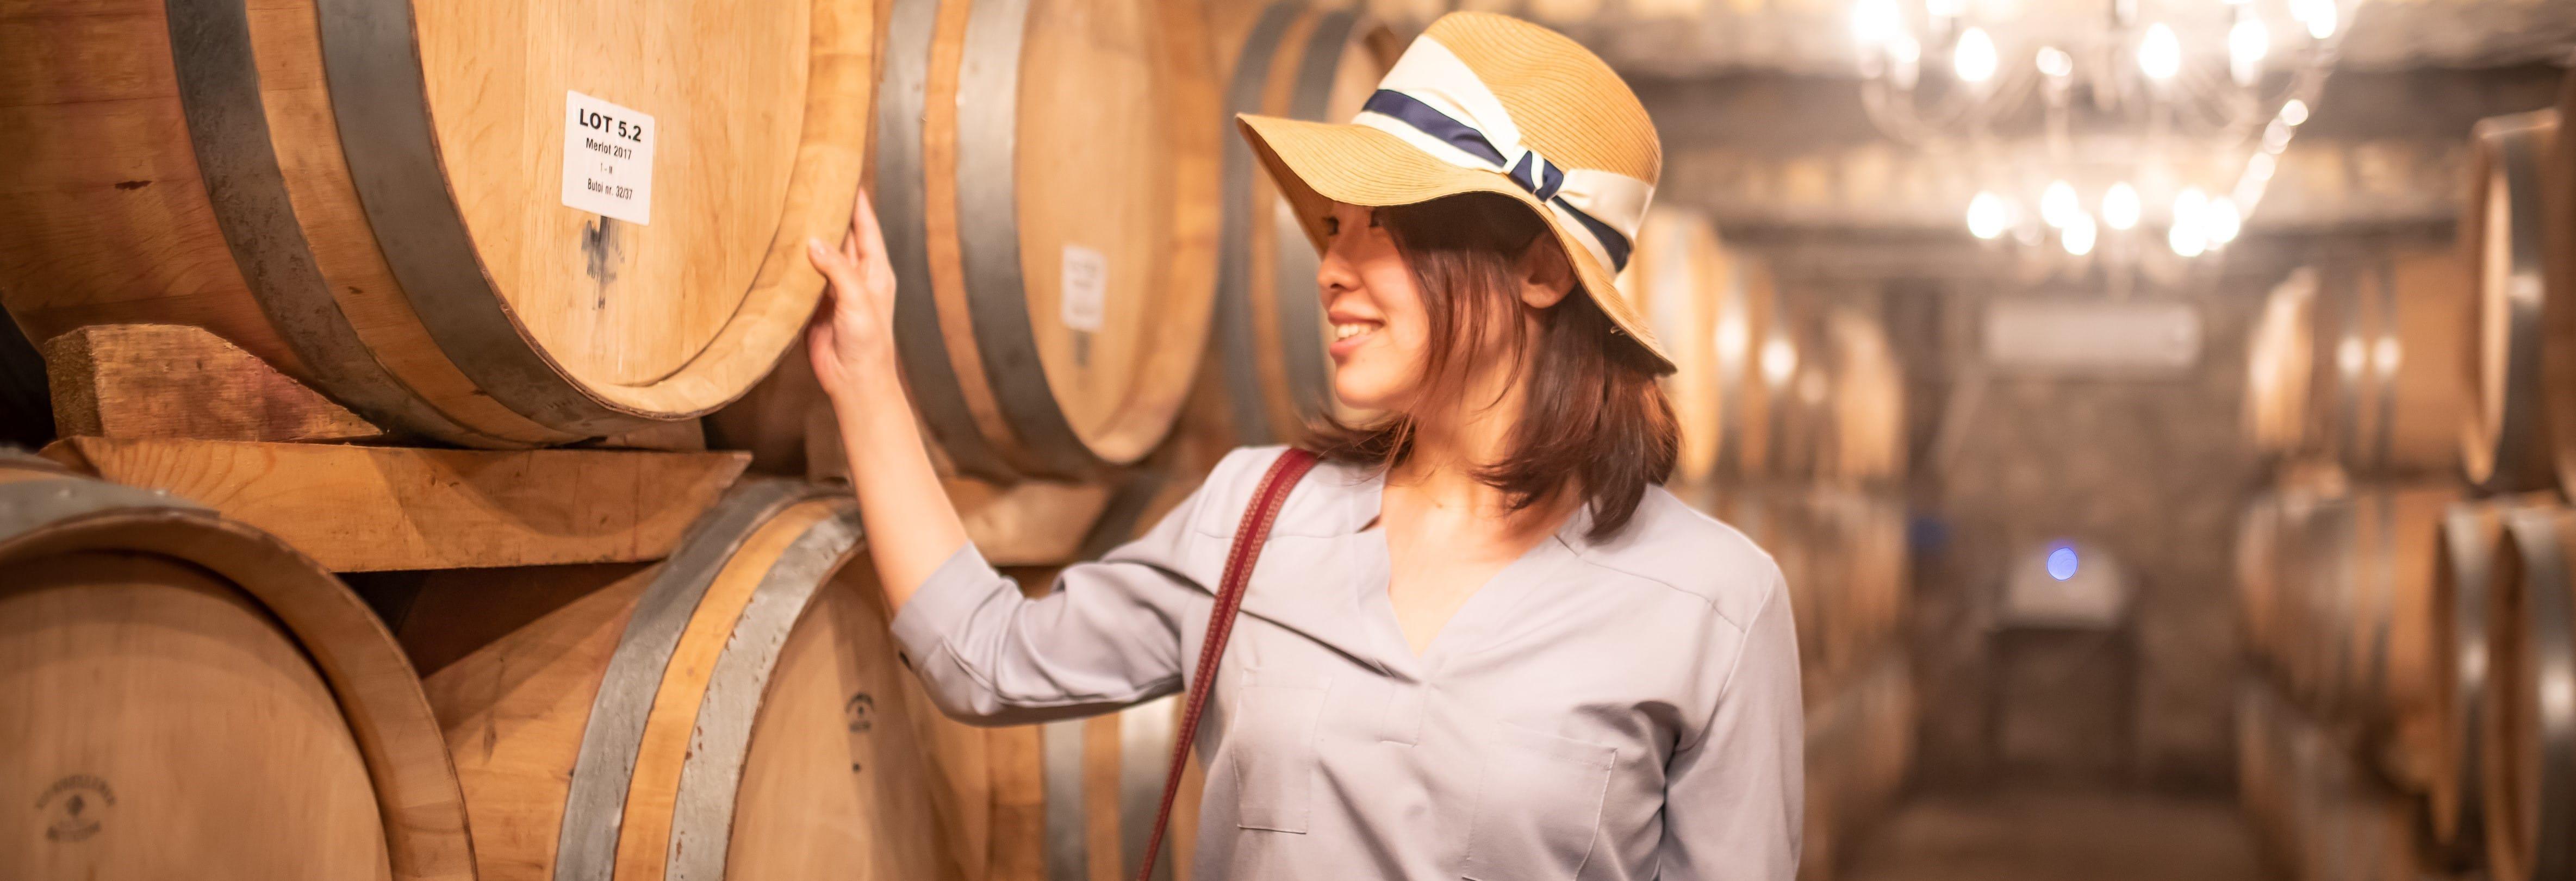 ルーマニアワイン専門店【サンモット】